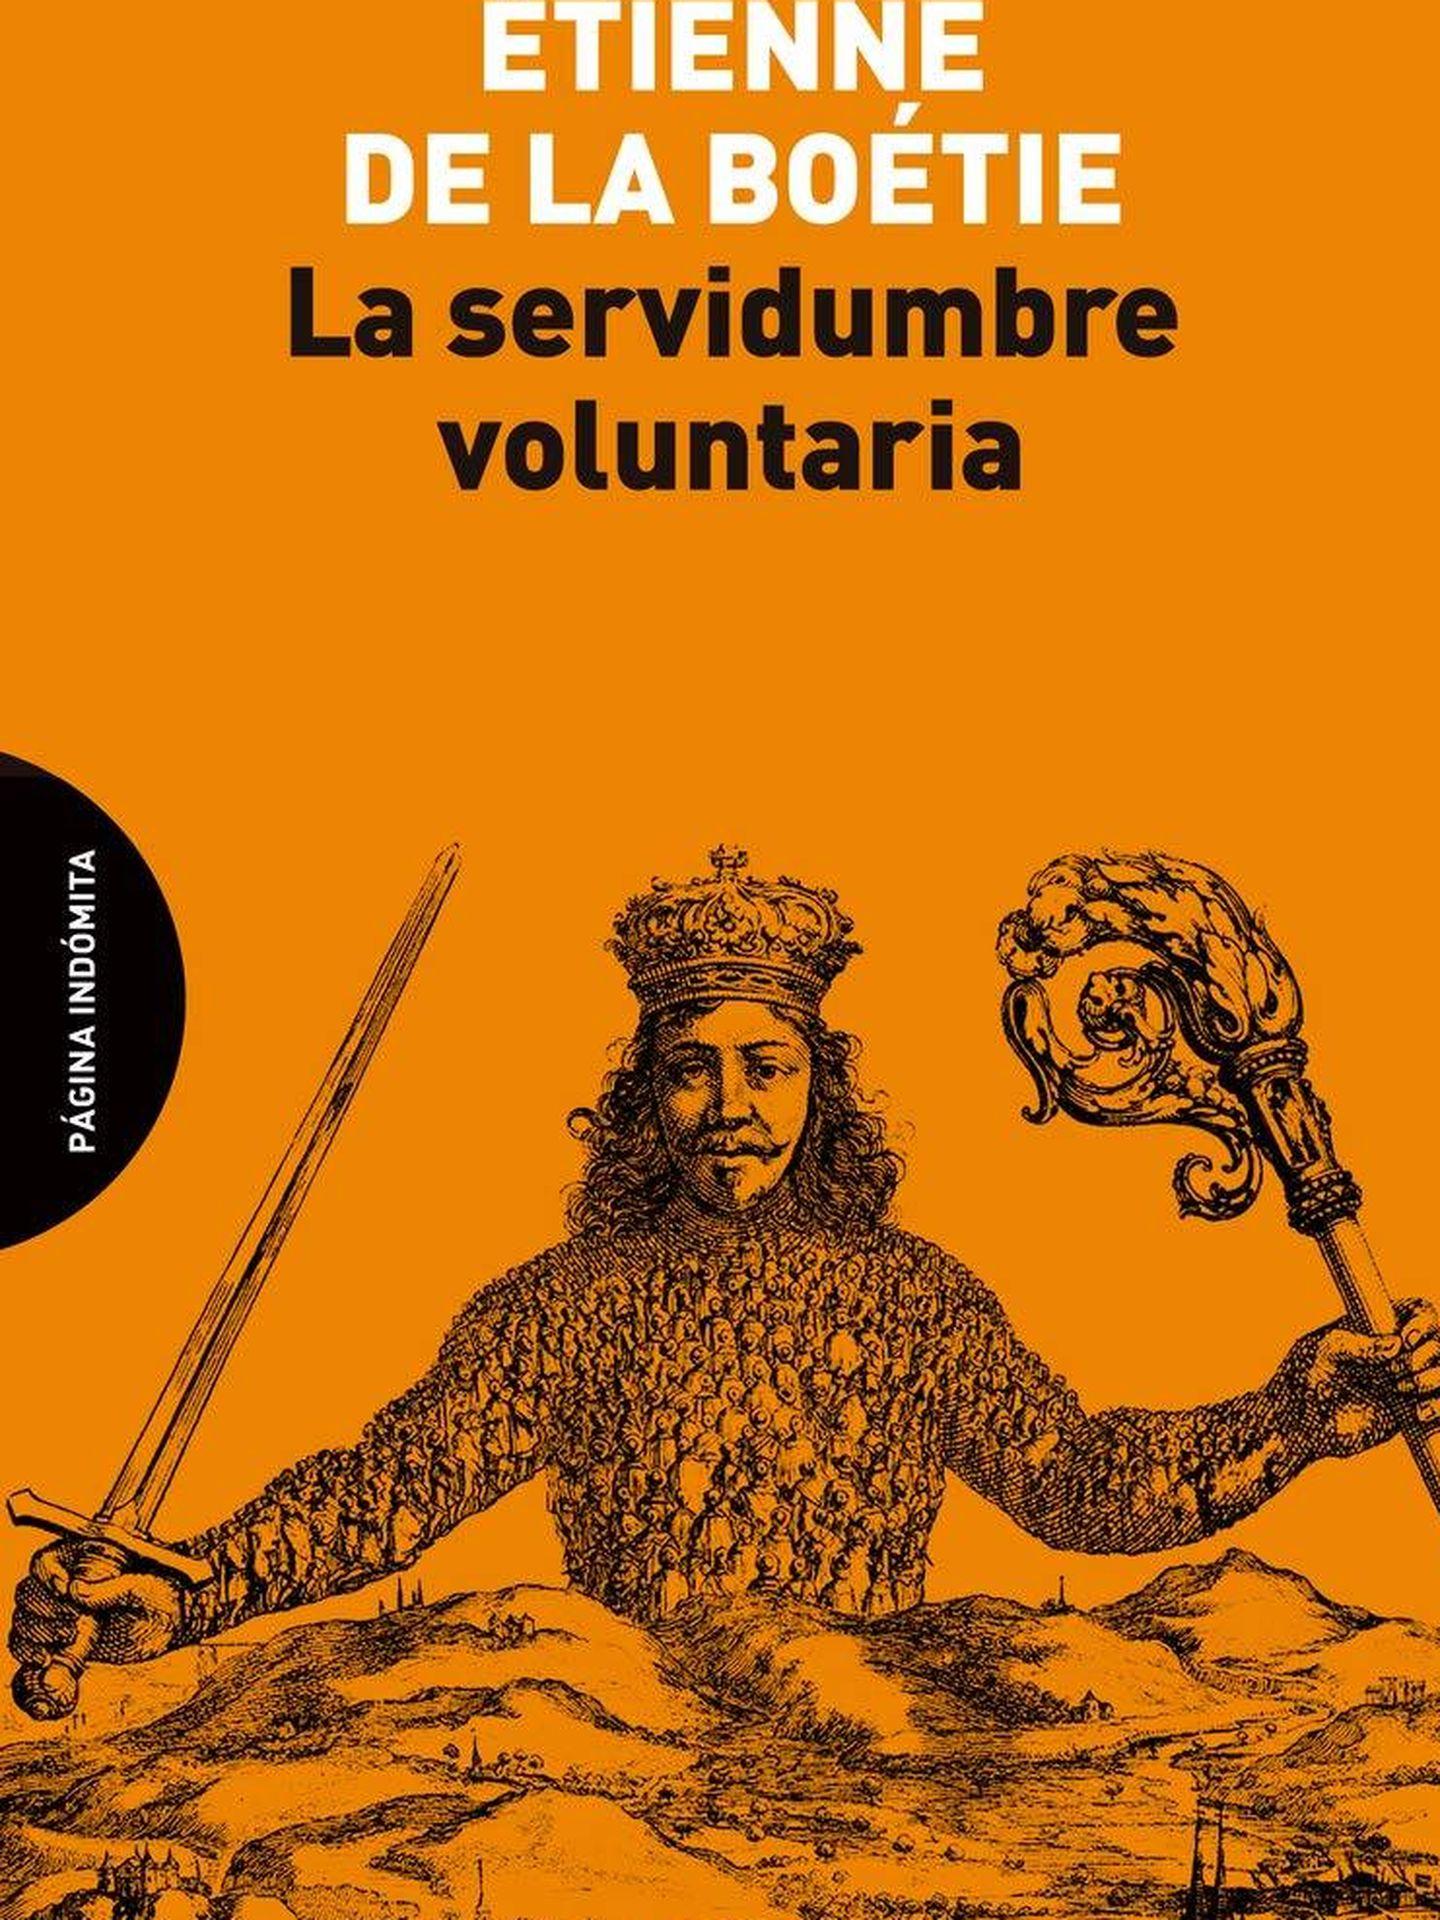 'La servidumbre voluntaria'.